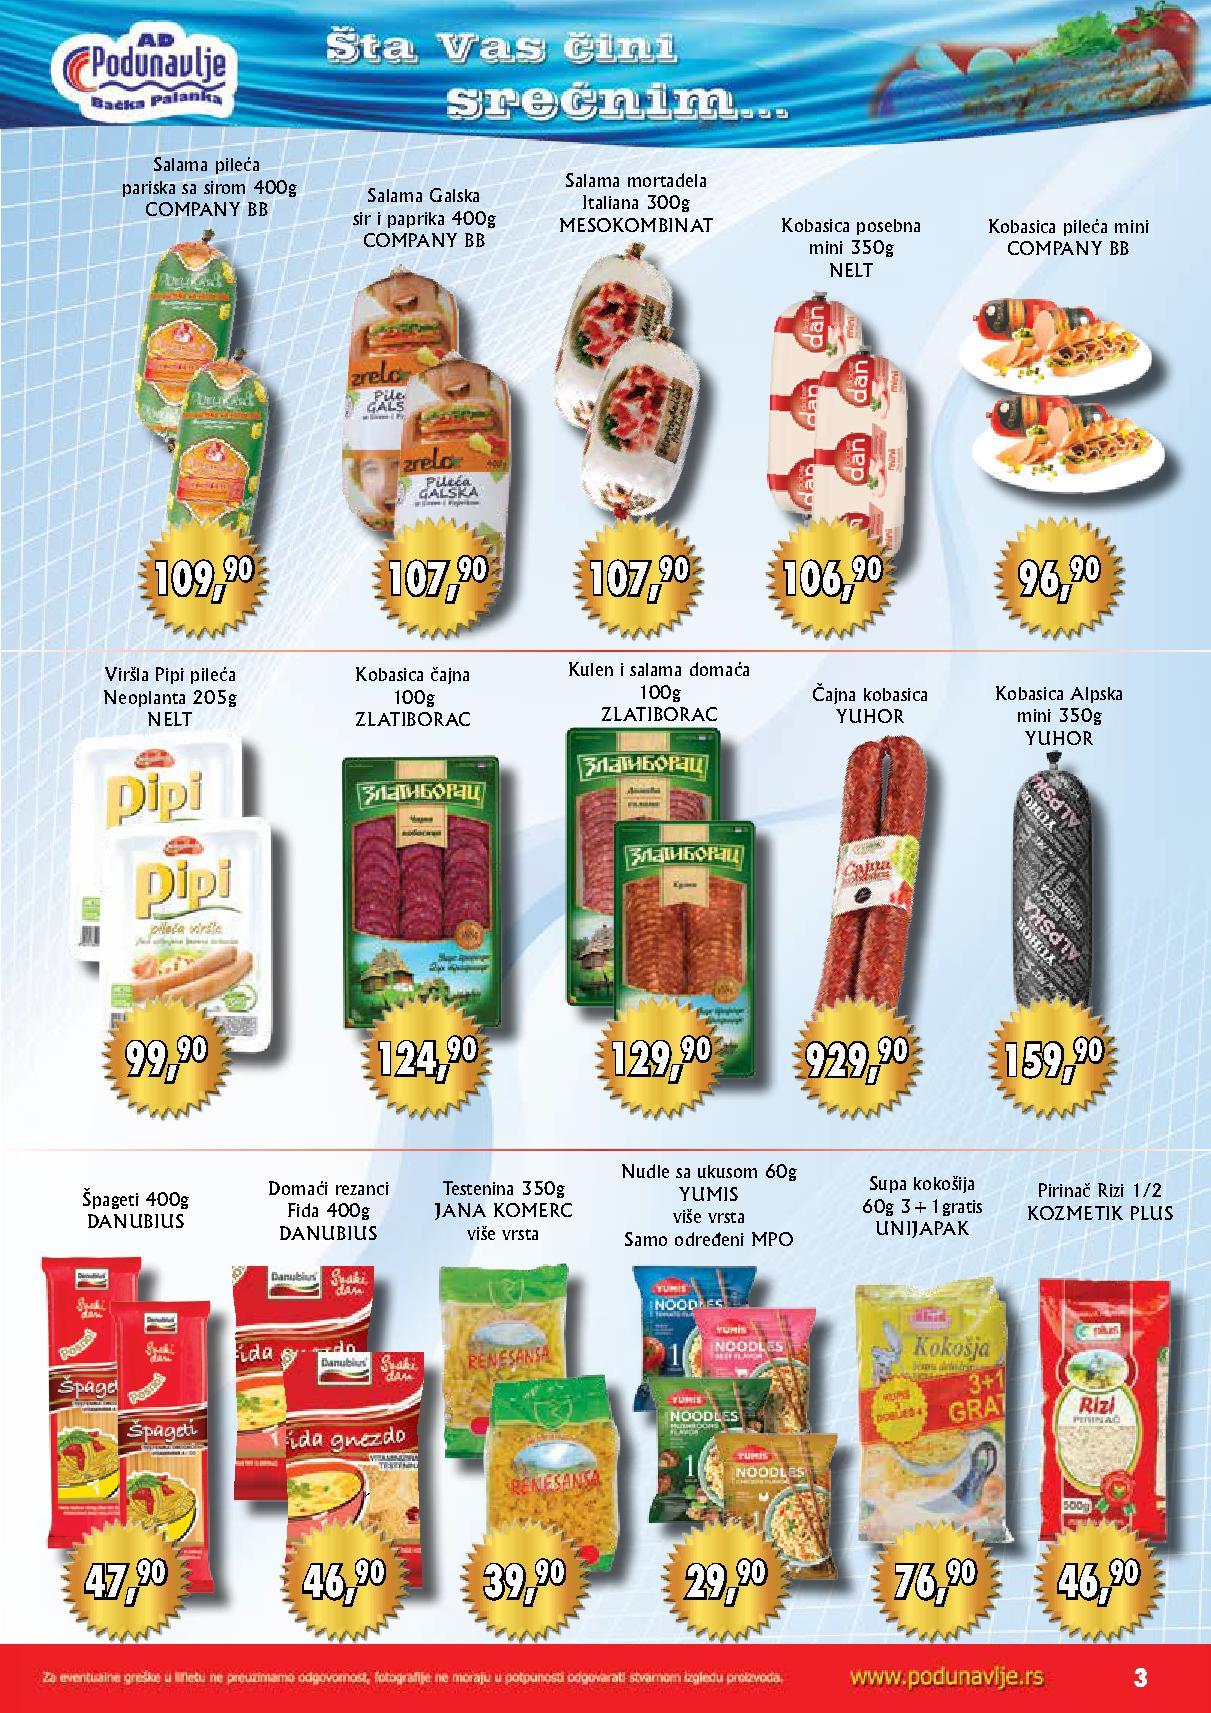 AD Podunavlje akcija super cena